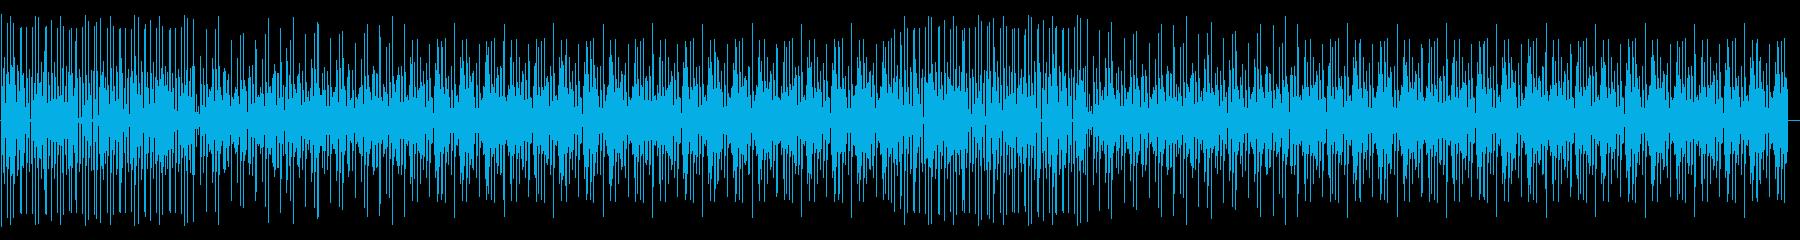 理系、技師、レトロで無機質なBGMの再生済みの波形